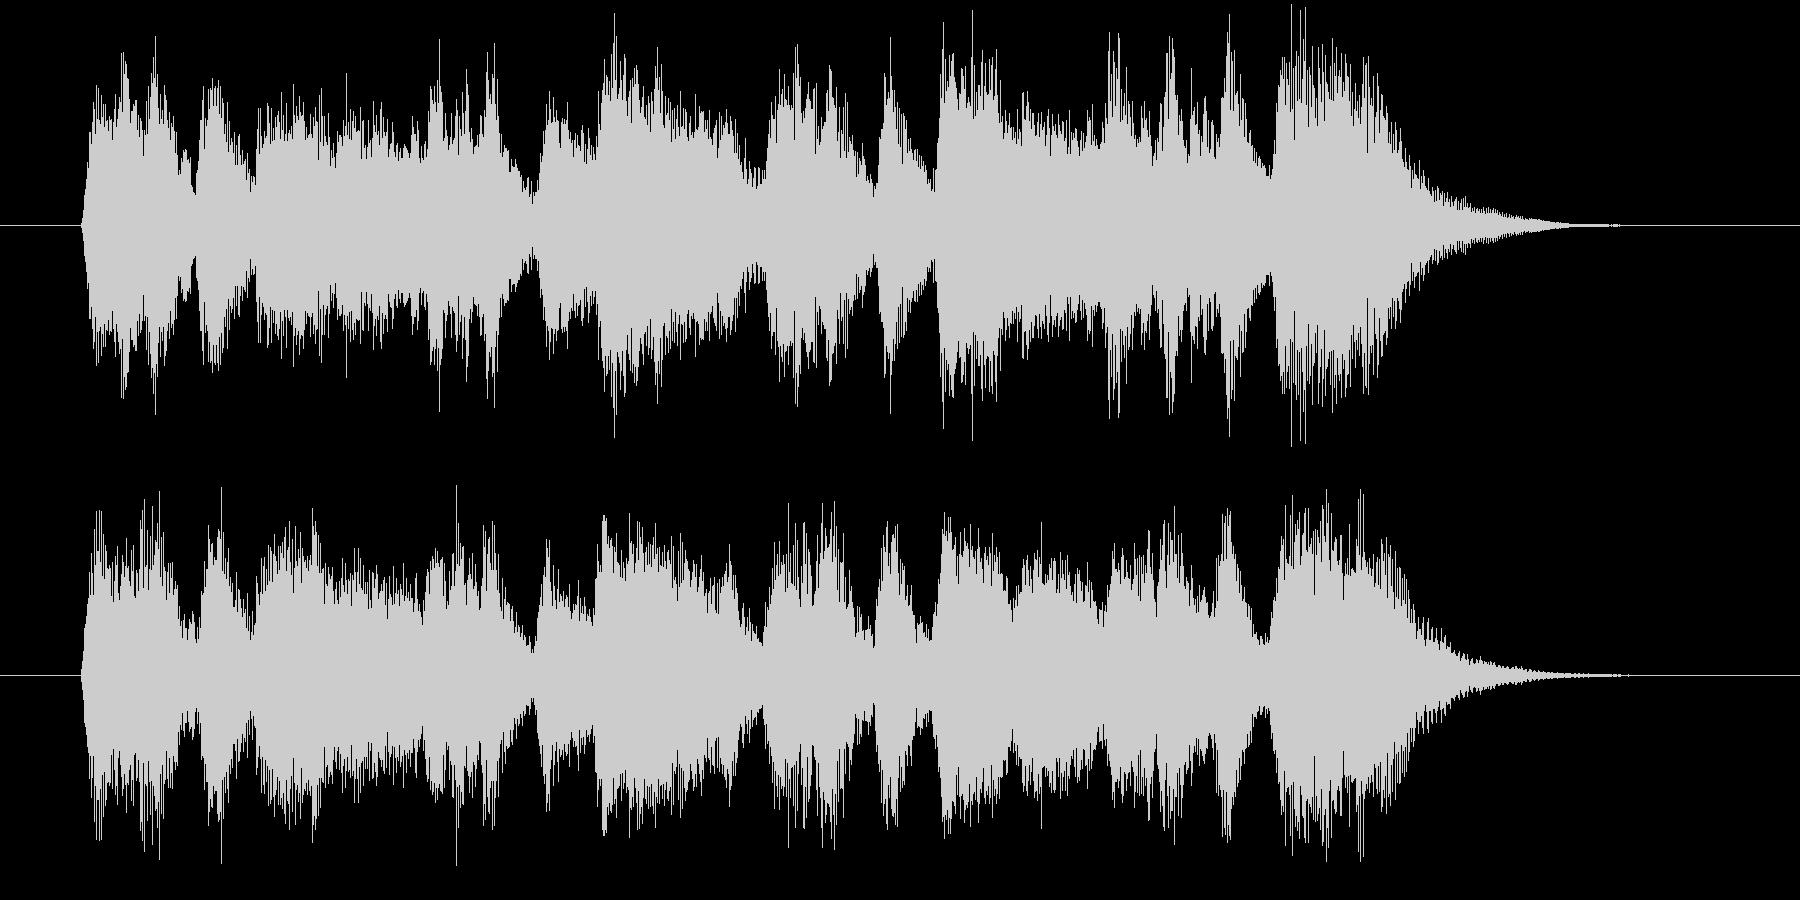 豪華で美しいシンセオルガンサウンドの未再生の波形